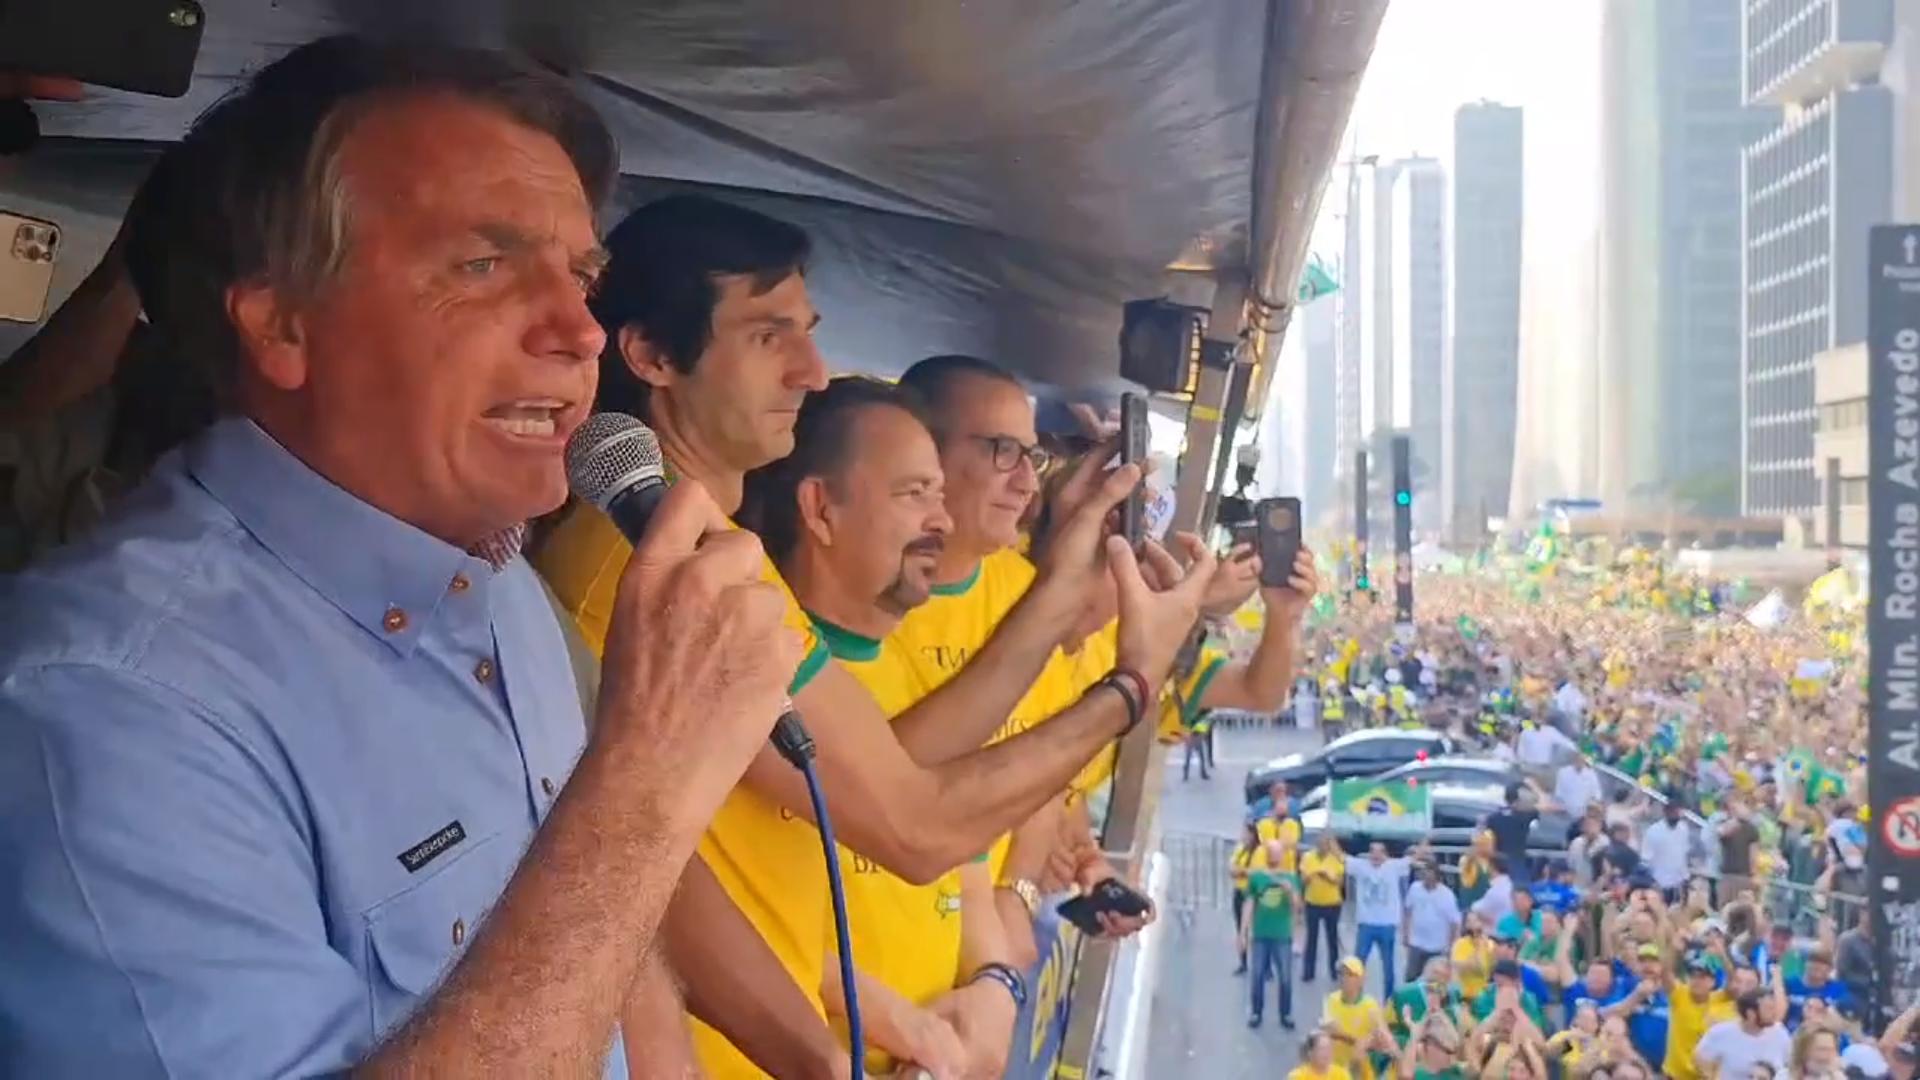 IMAGEM: O fracasso gigantesco de Bolsonaro